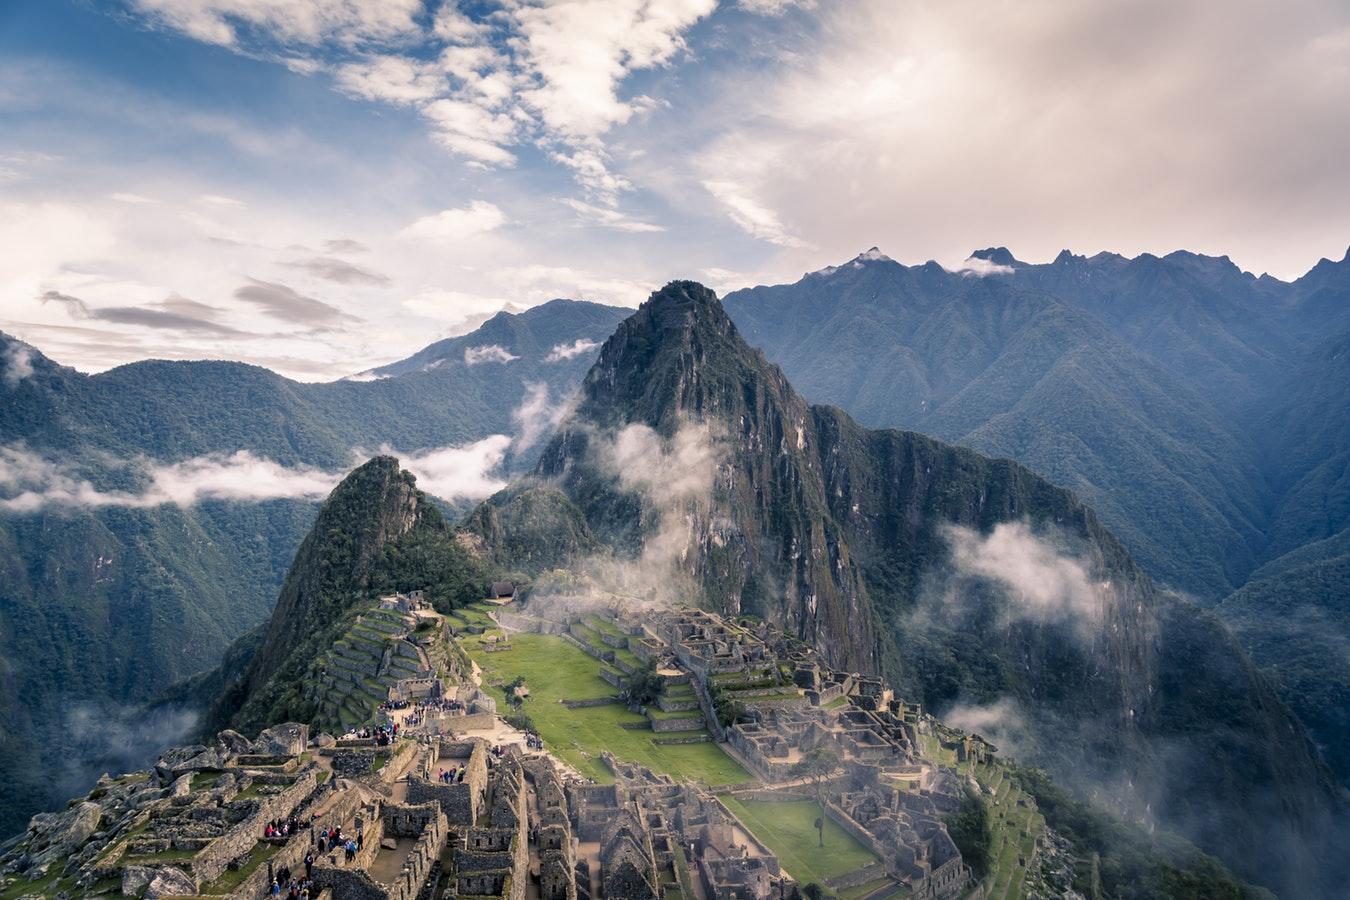 Vue sur le Machu Picchu et une ancienne cité inca au Pérou